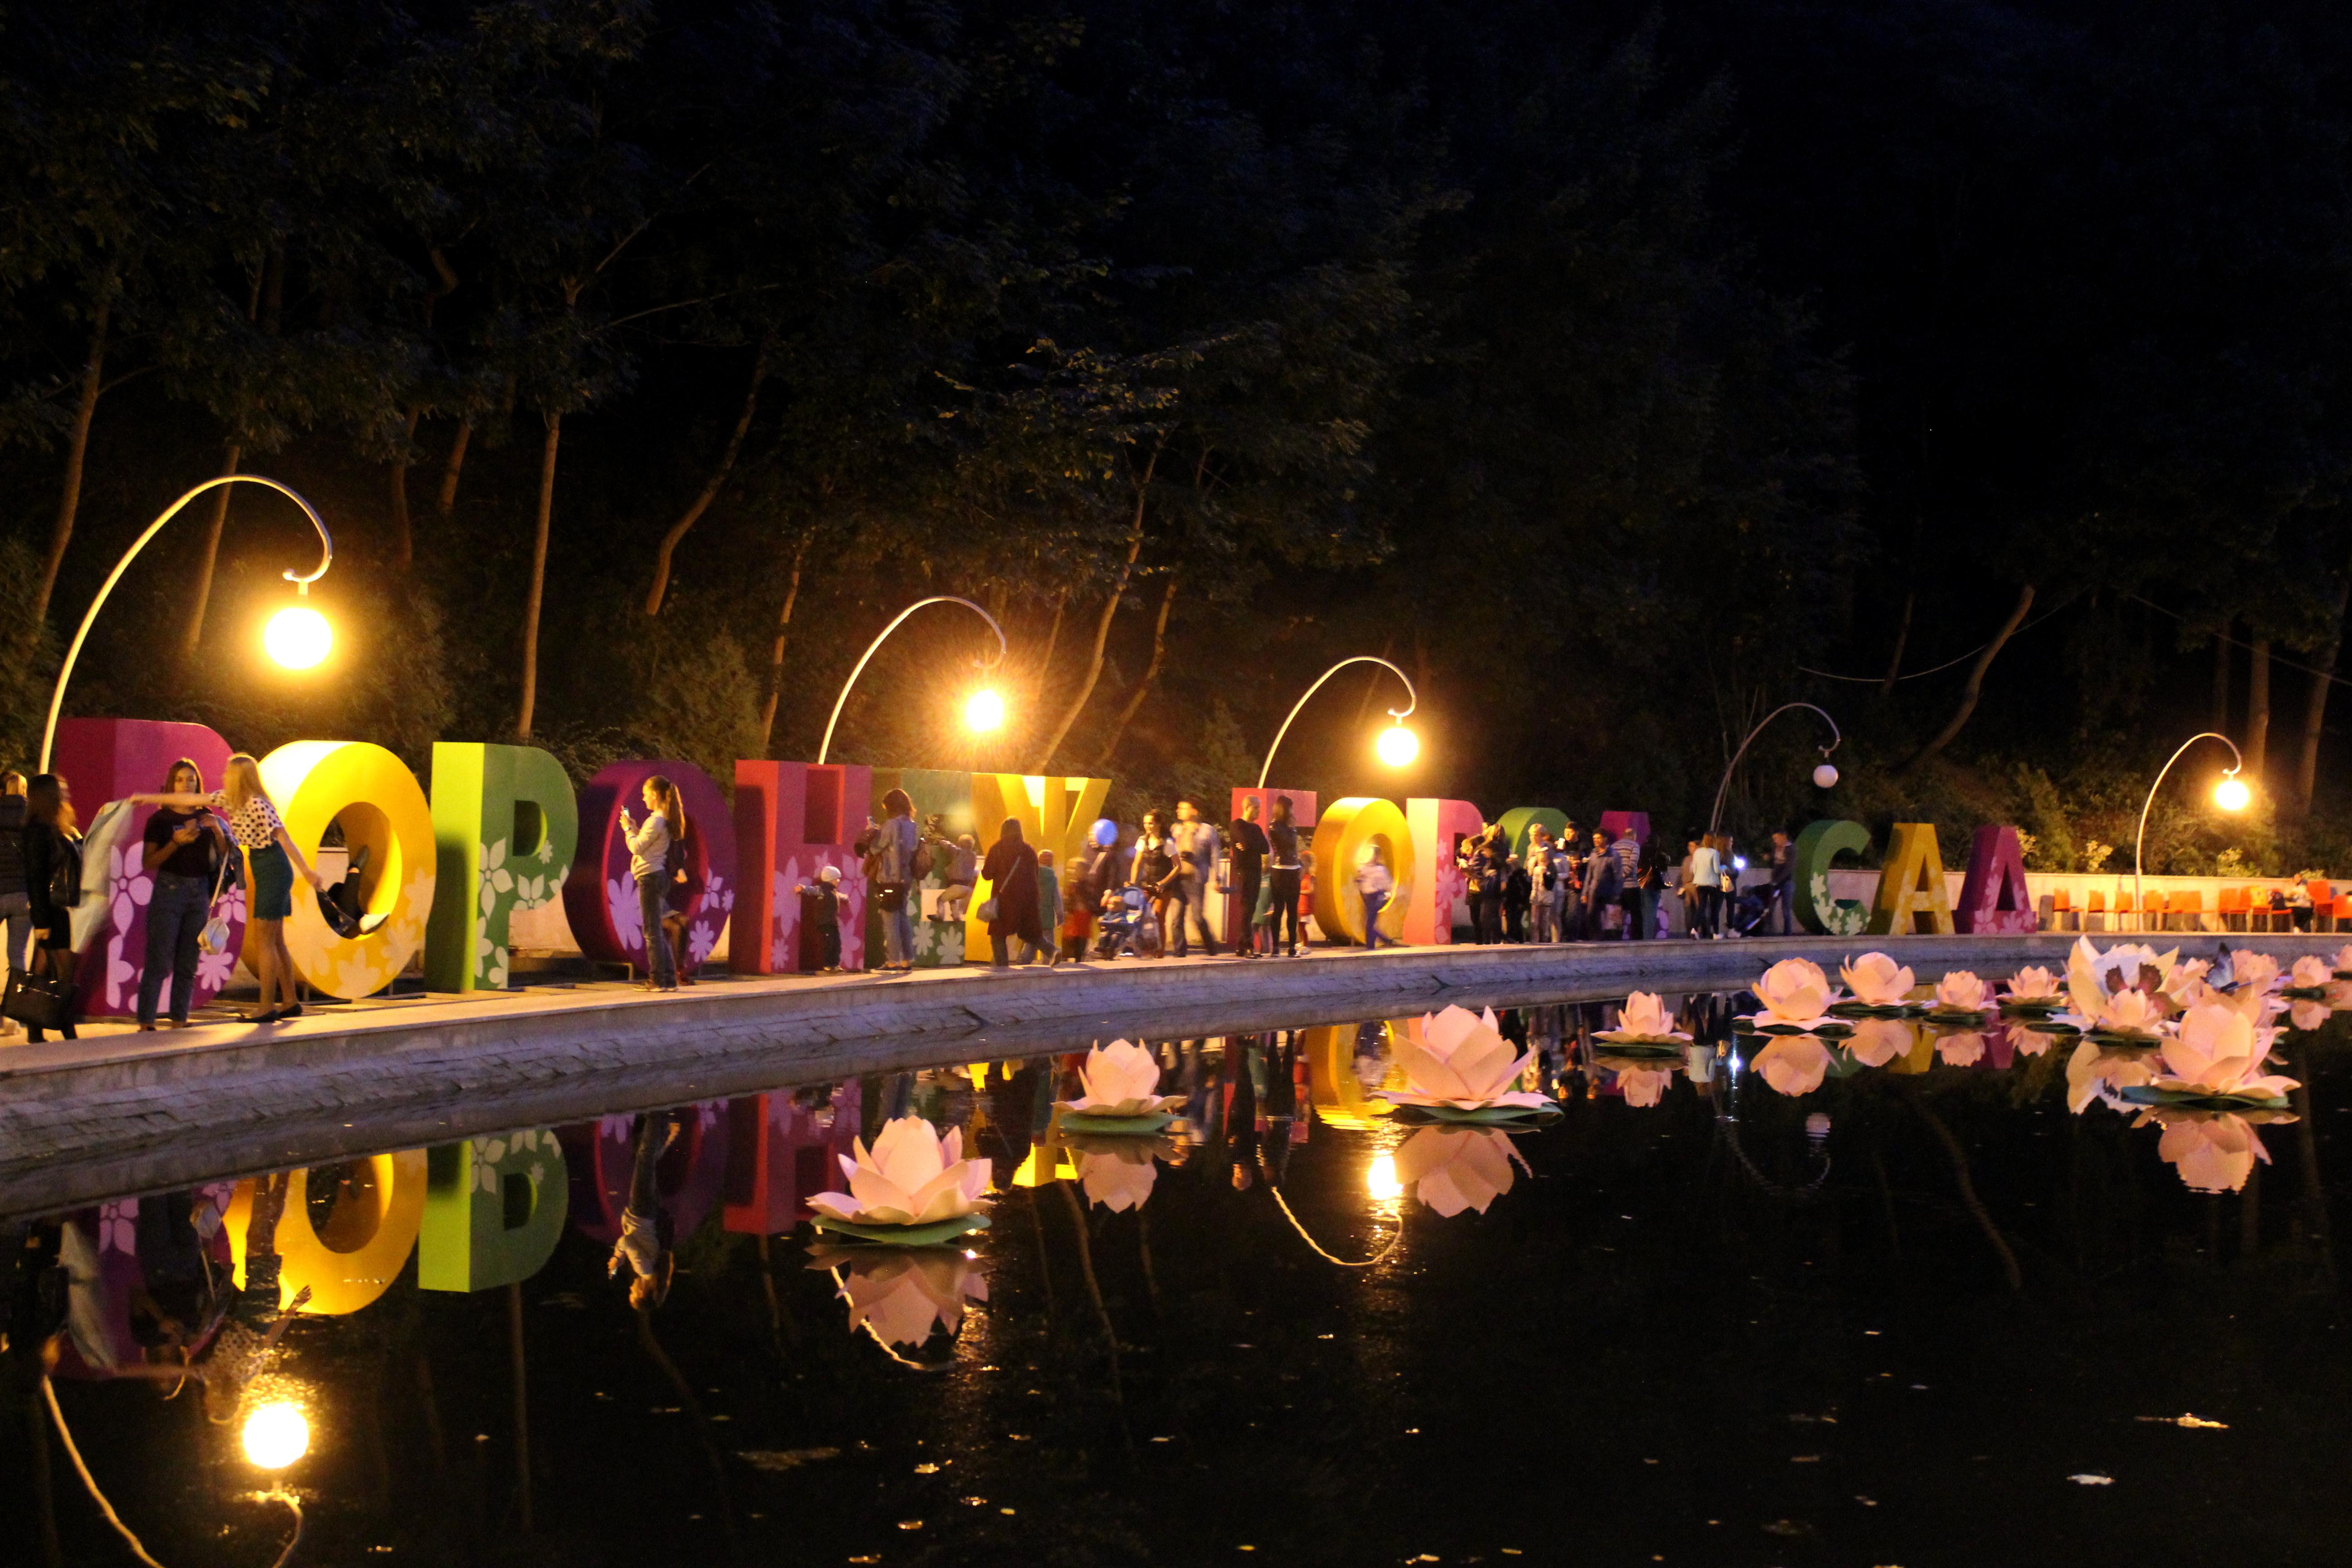 «Поющее» яйцо, уютные инсталляции и толпы людей. Чем воронежцам запомнился «Город-сад»